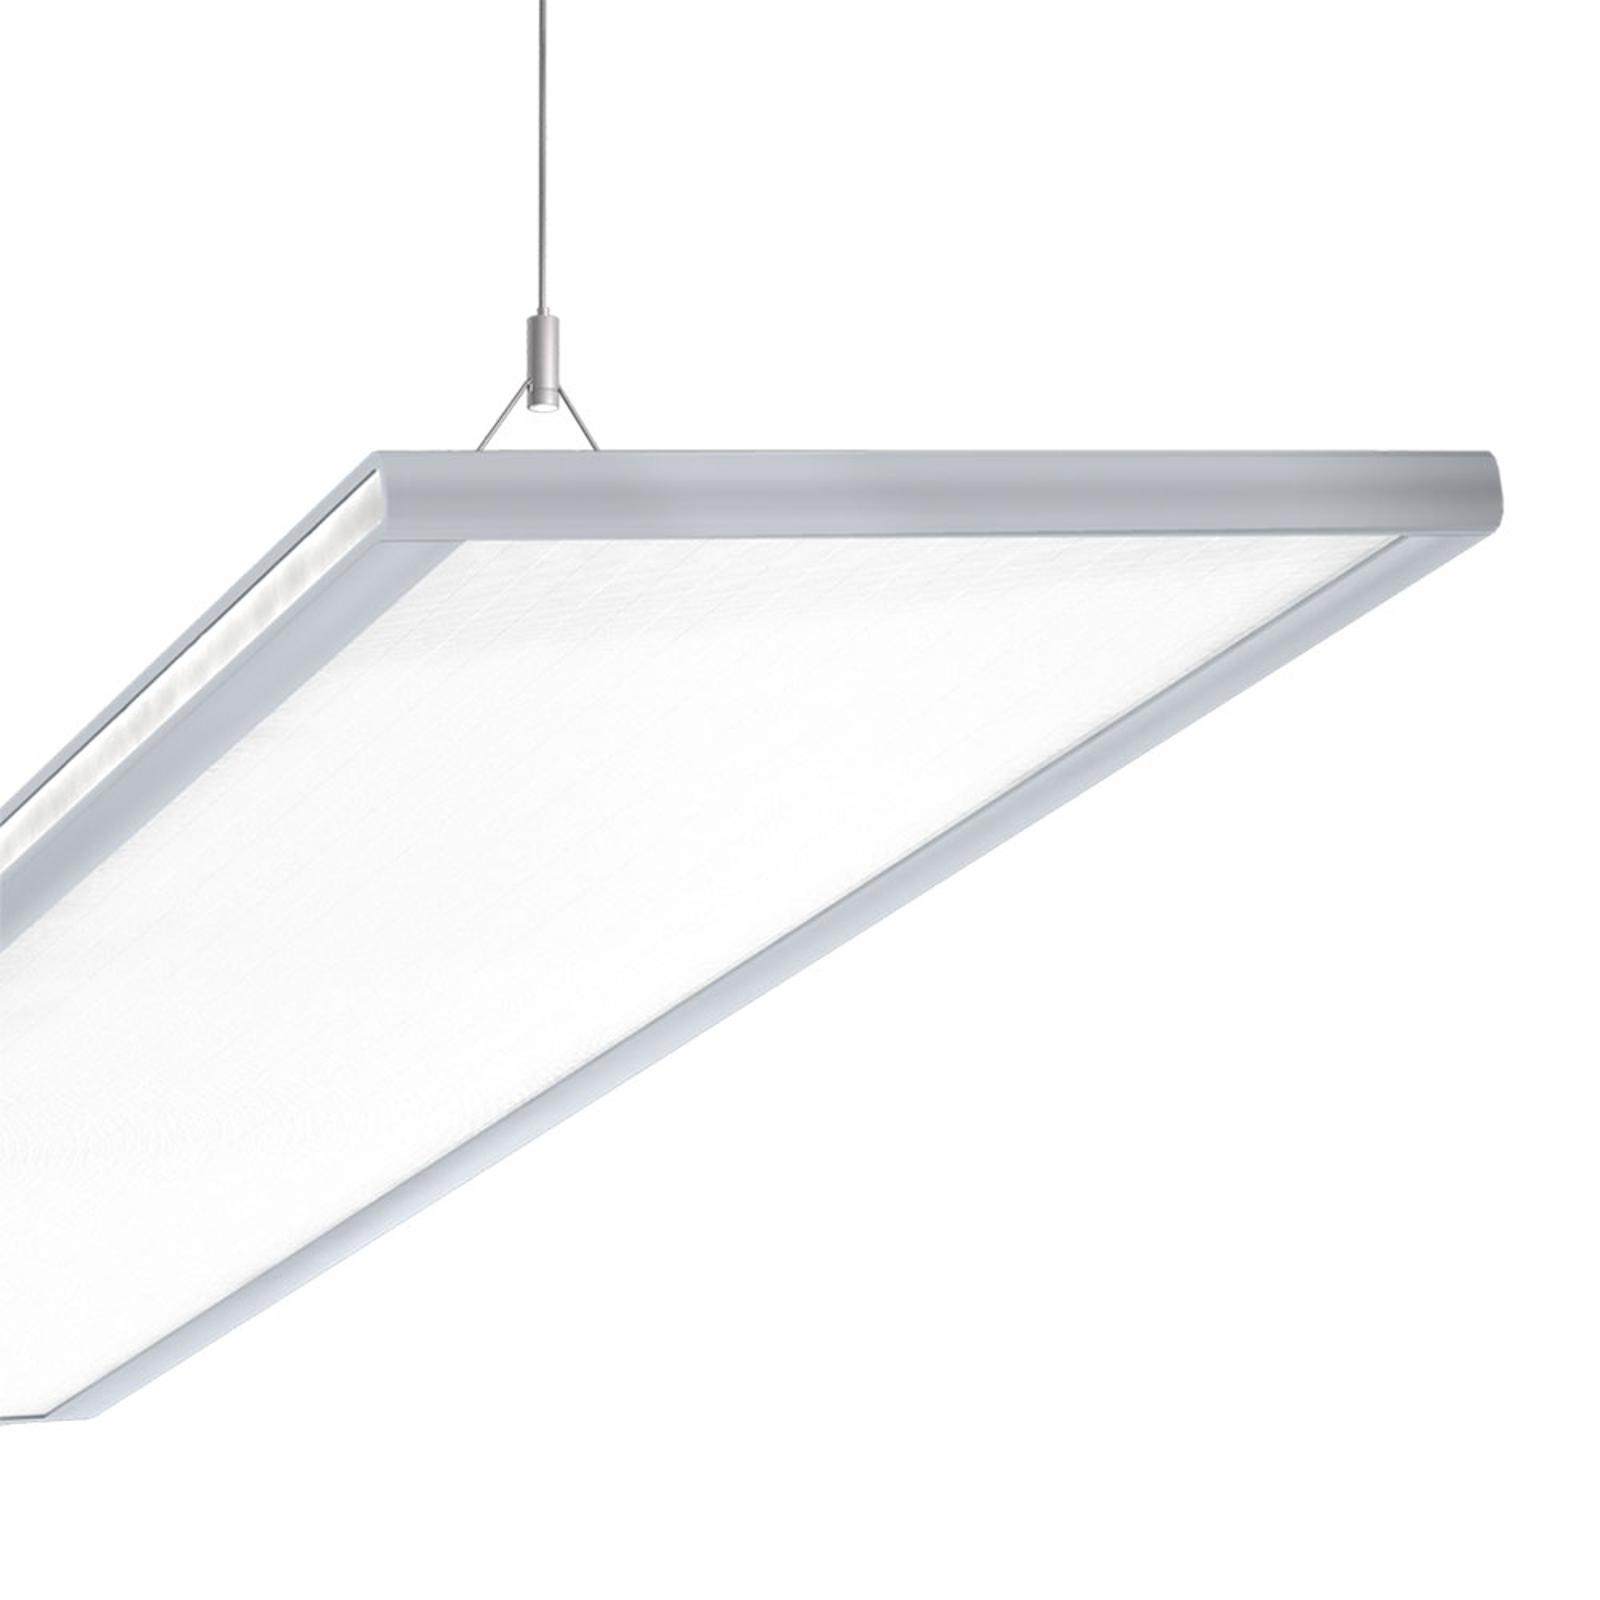 LED-riippuvalaisin alvia 139 cm, 9205lm 4000K DALI